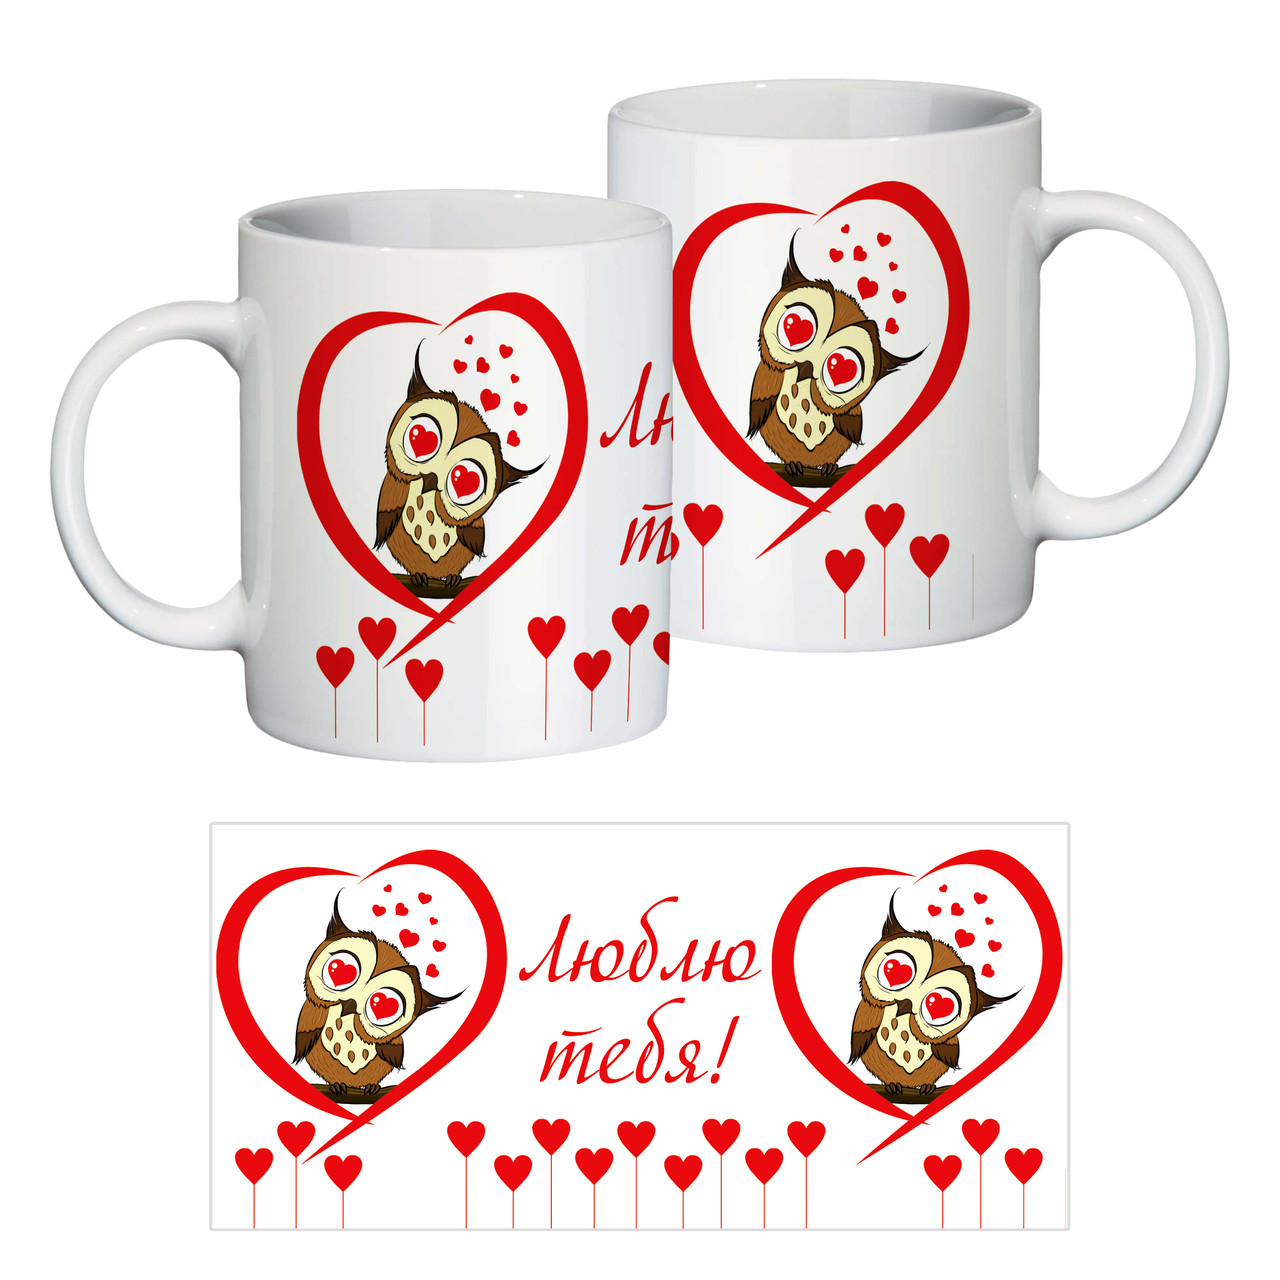 """Керамічна чашка на подарунок жінкам """"Люблю тебе"""""""